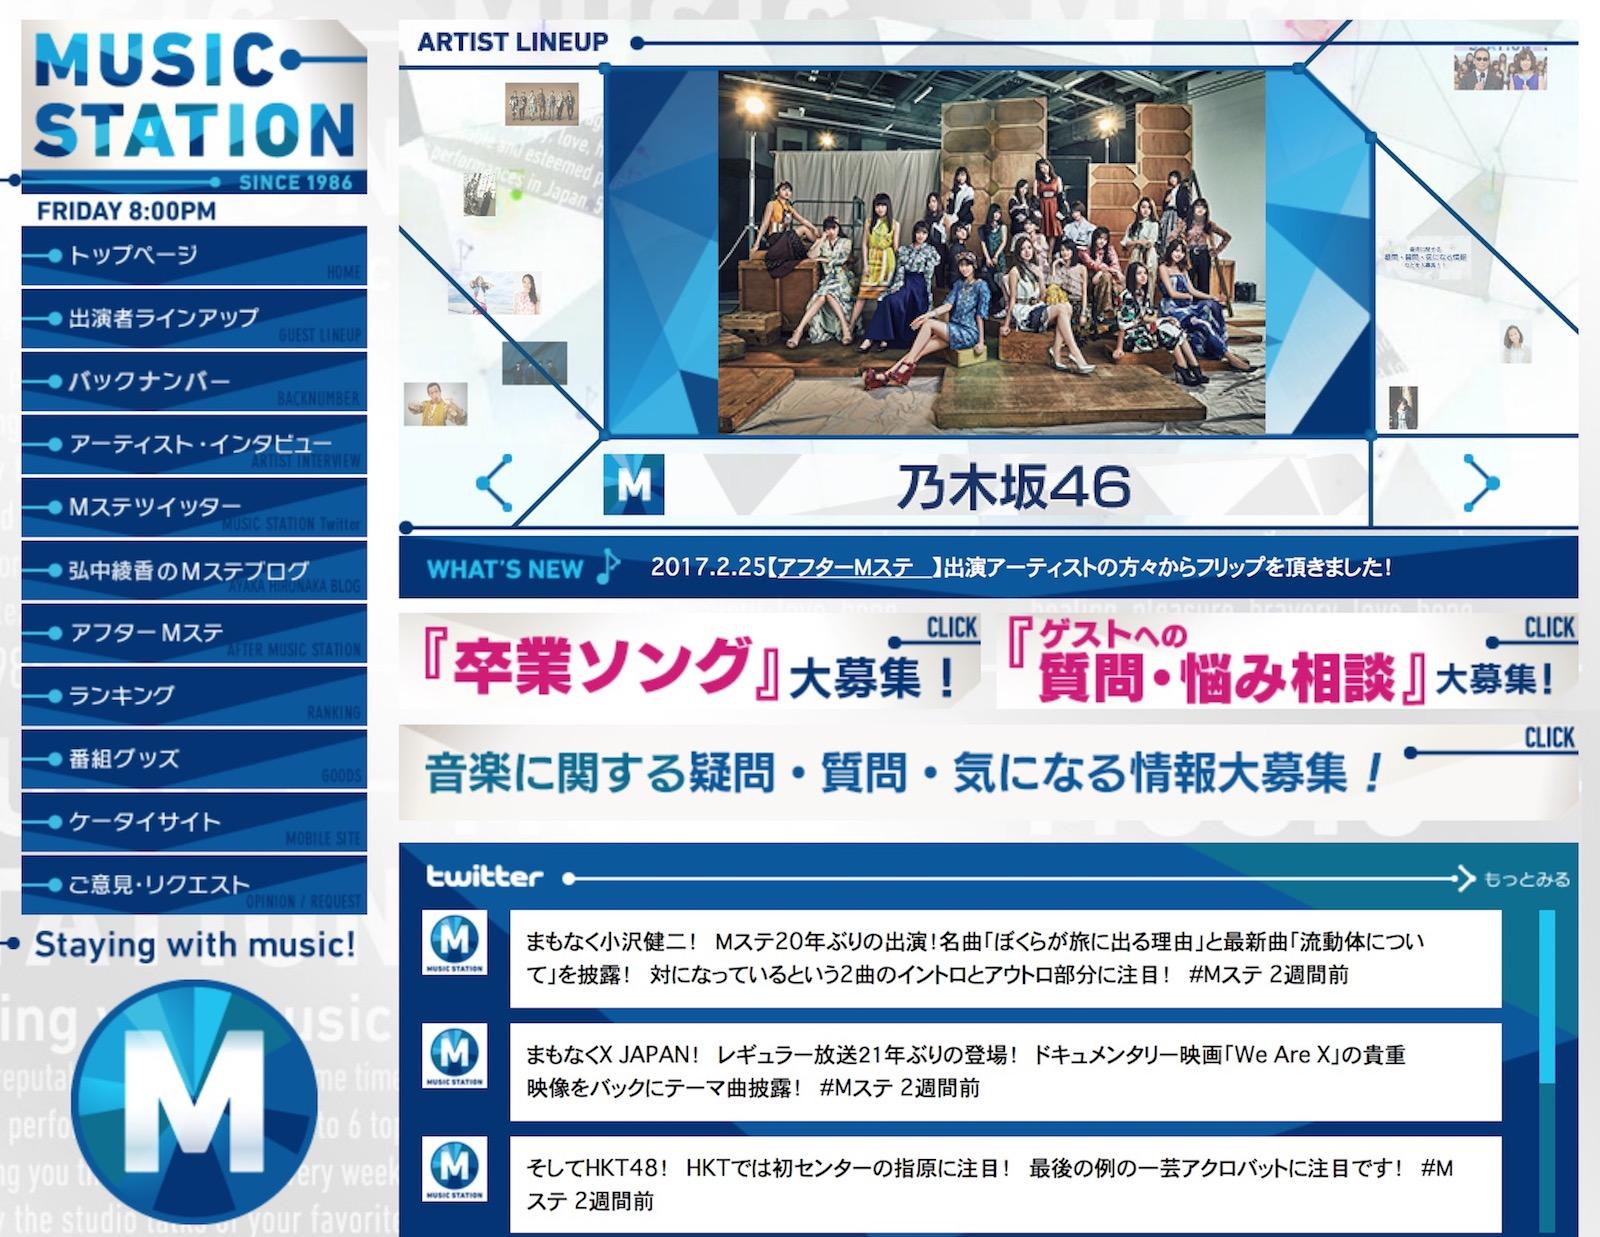 乃木坂46、3月17日「Mステ」で新曲『インフルエンサー』披露